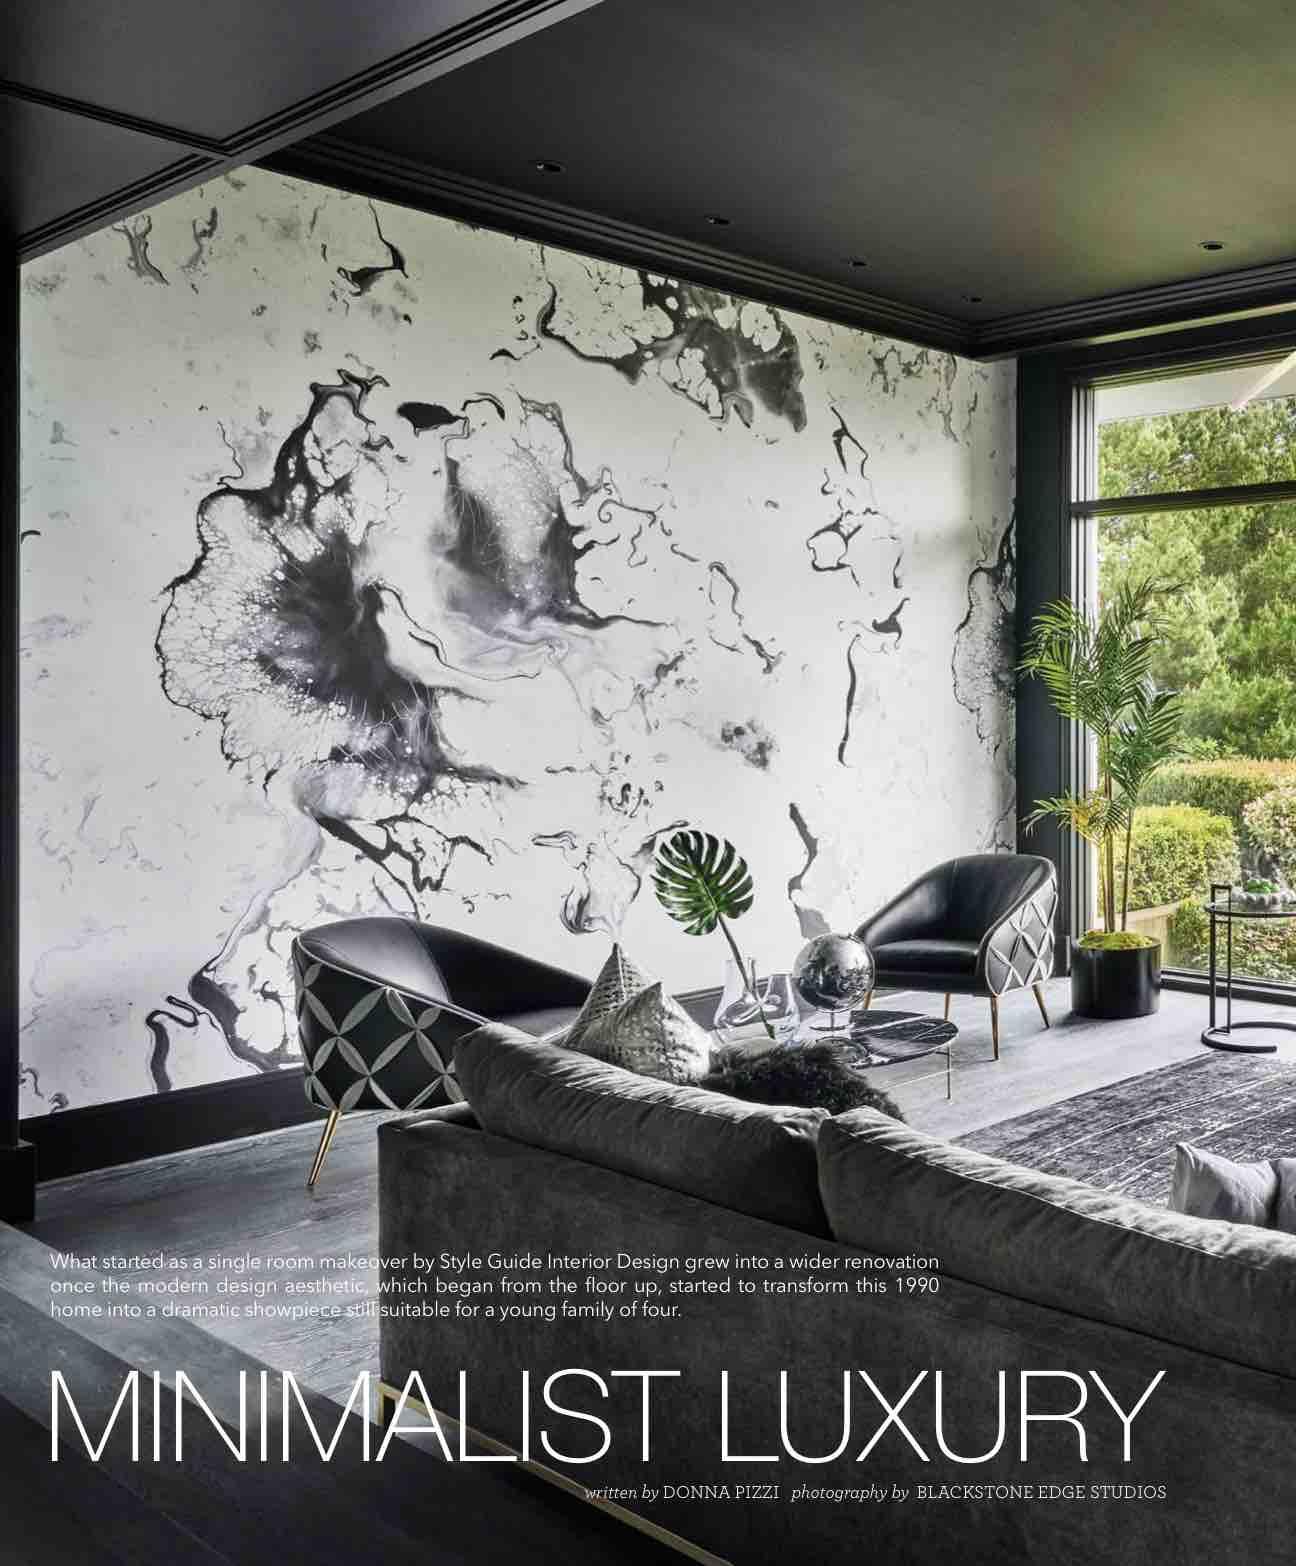 Minimalist Luxury